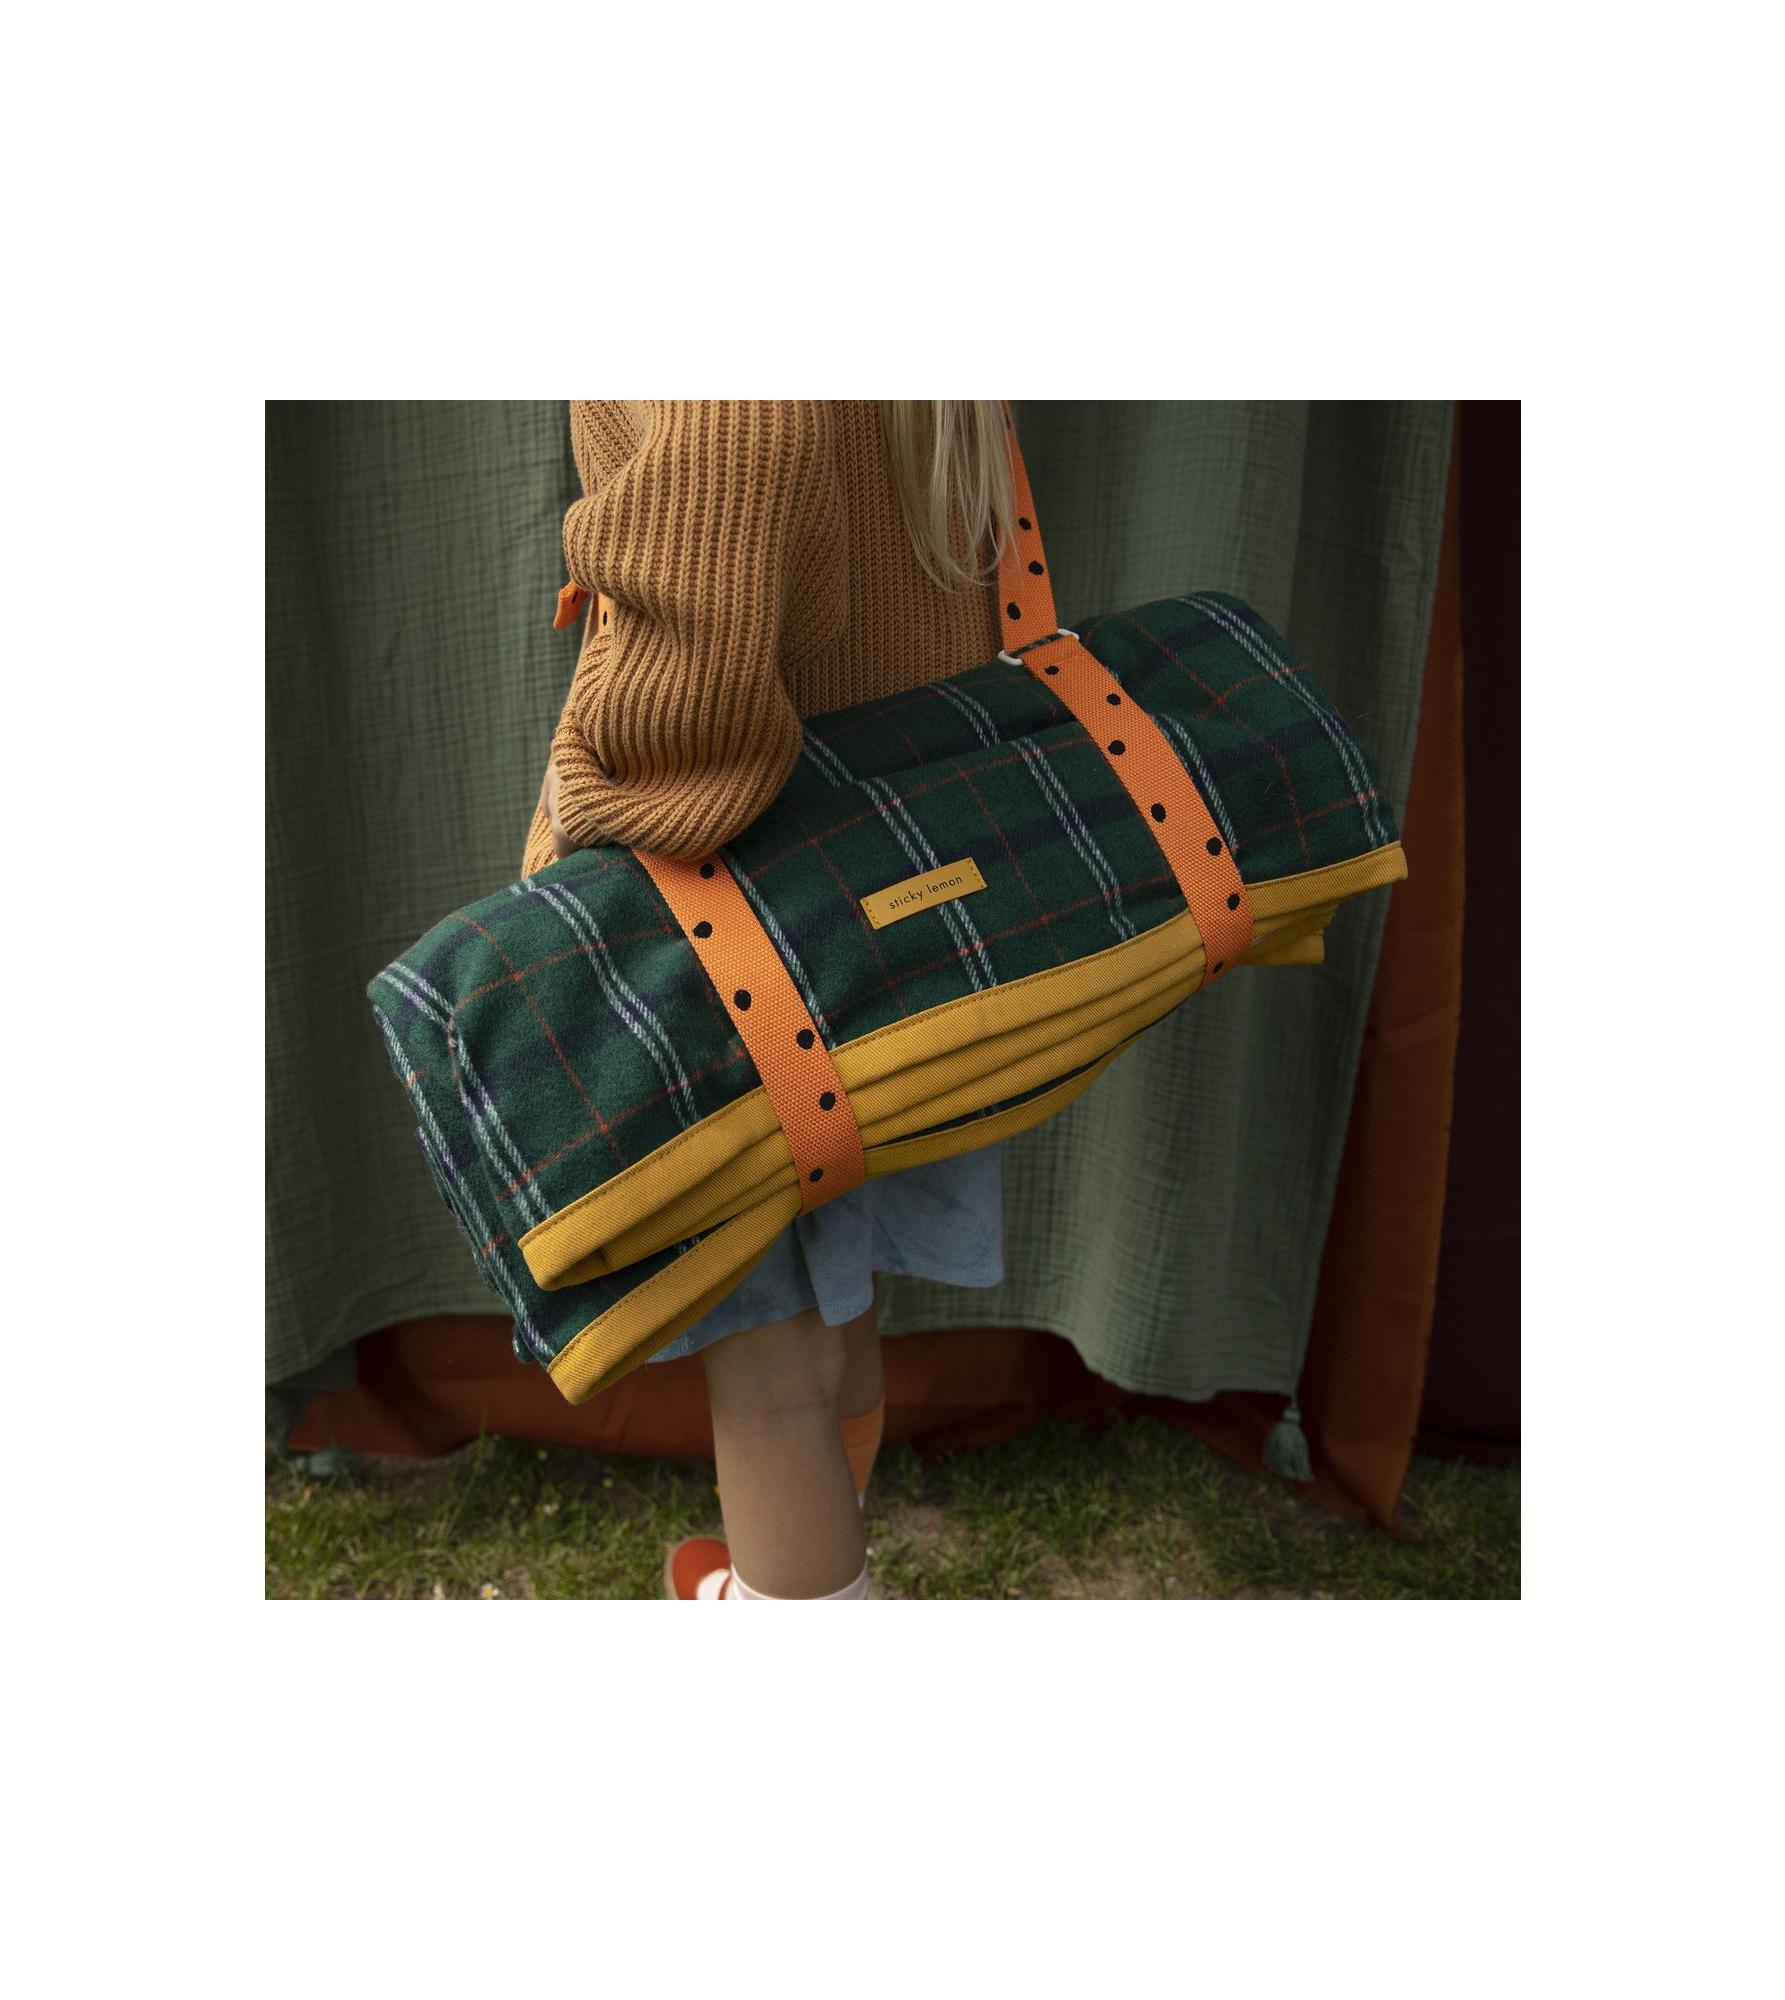 1801769 - Sticky Lemon - picnic blanket - wanderer - forest green checks - style shot 02.jpg